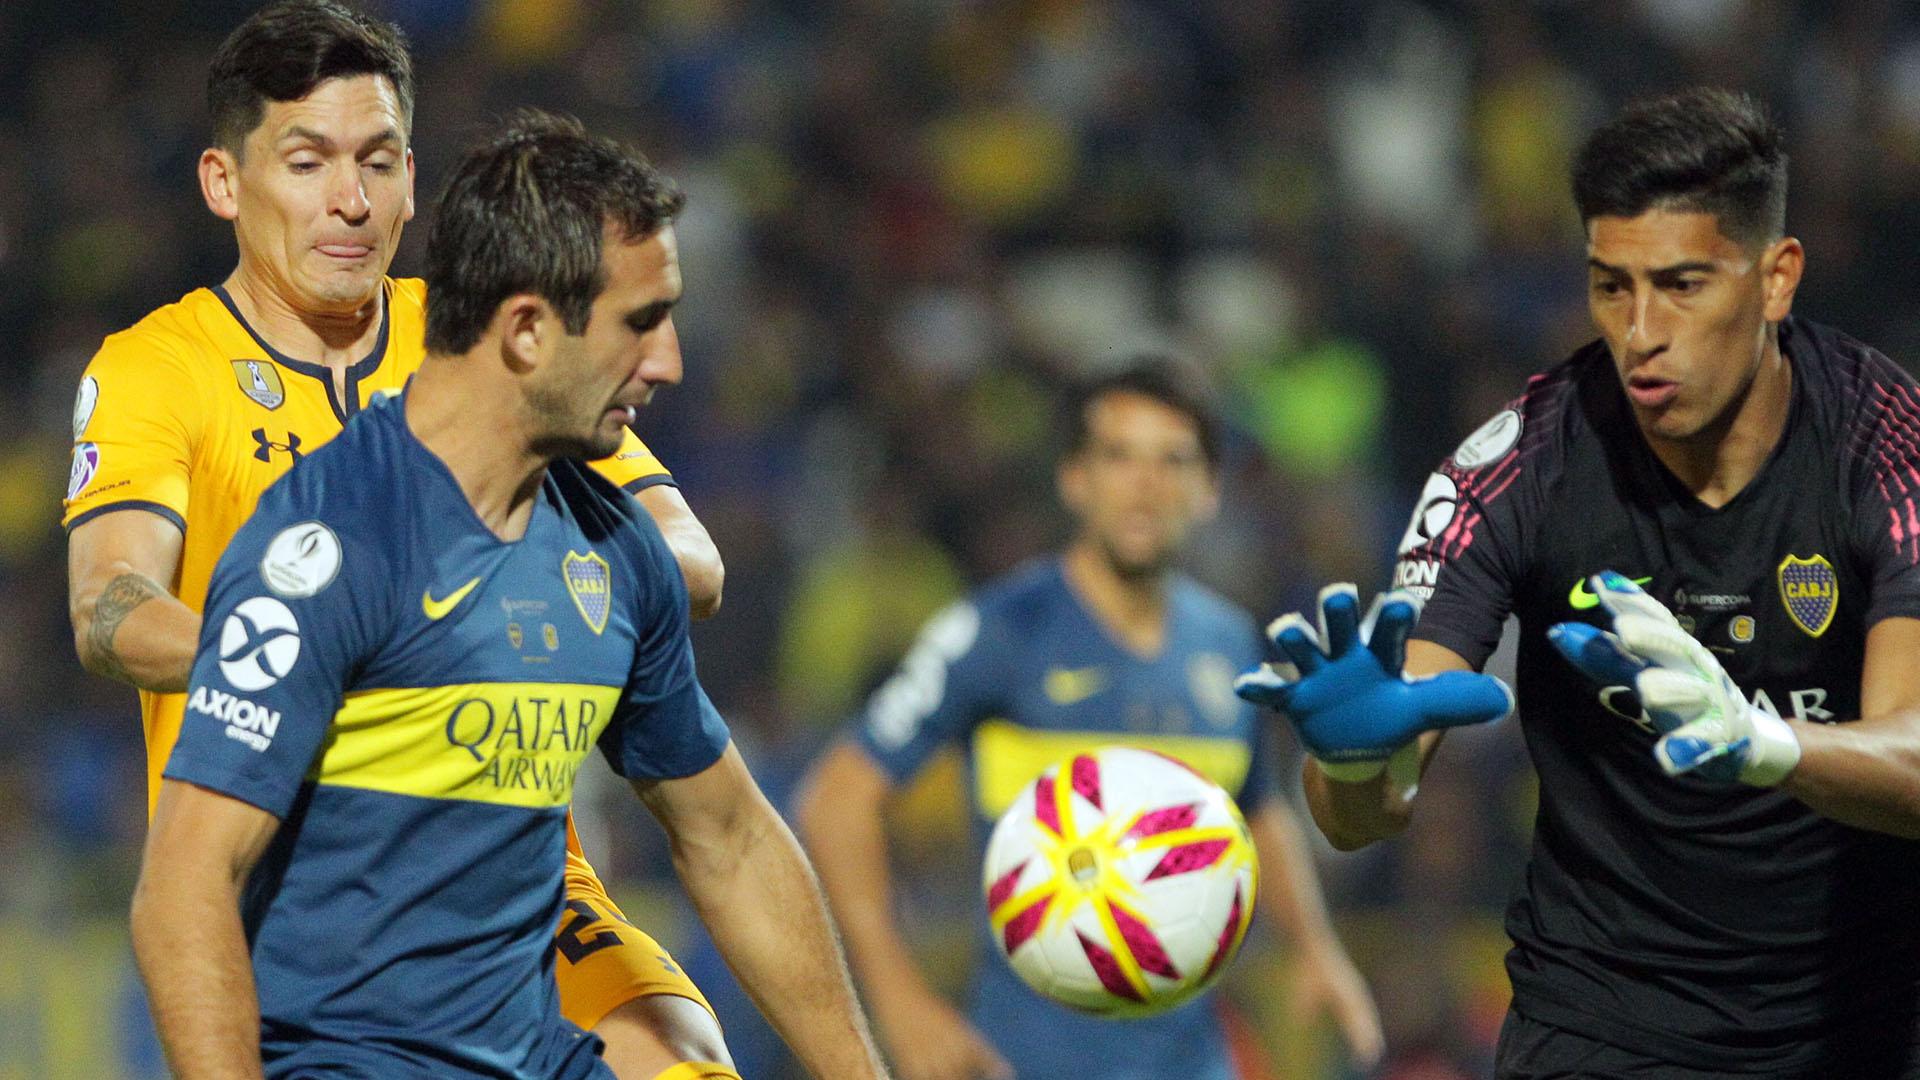 Izquierdoz y Andrada, en el control de la pelota (FOTO NA: DELFO RODRIGUEZ)